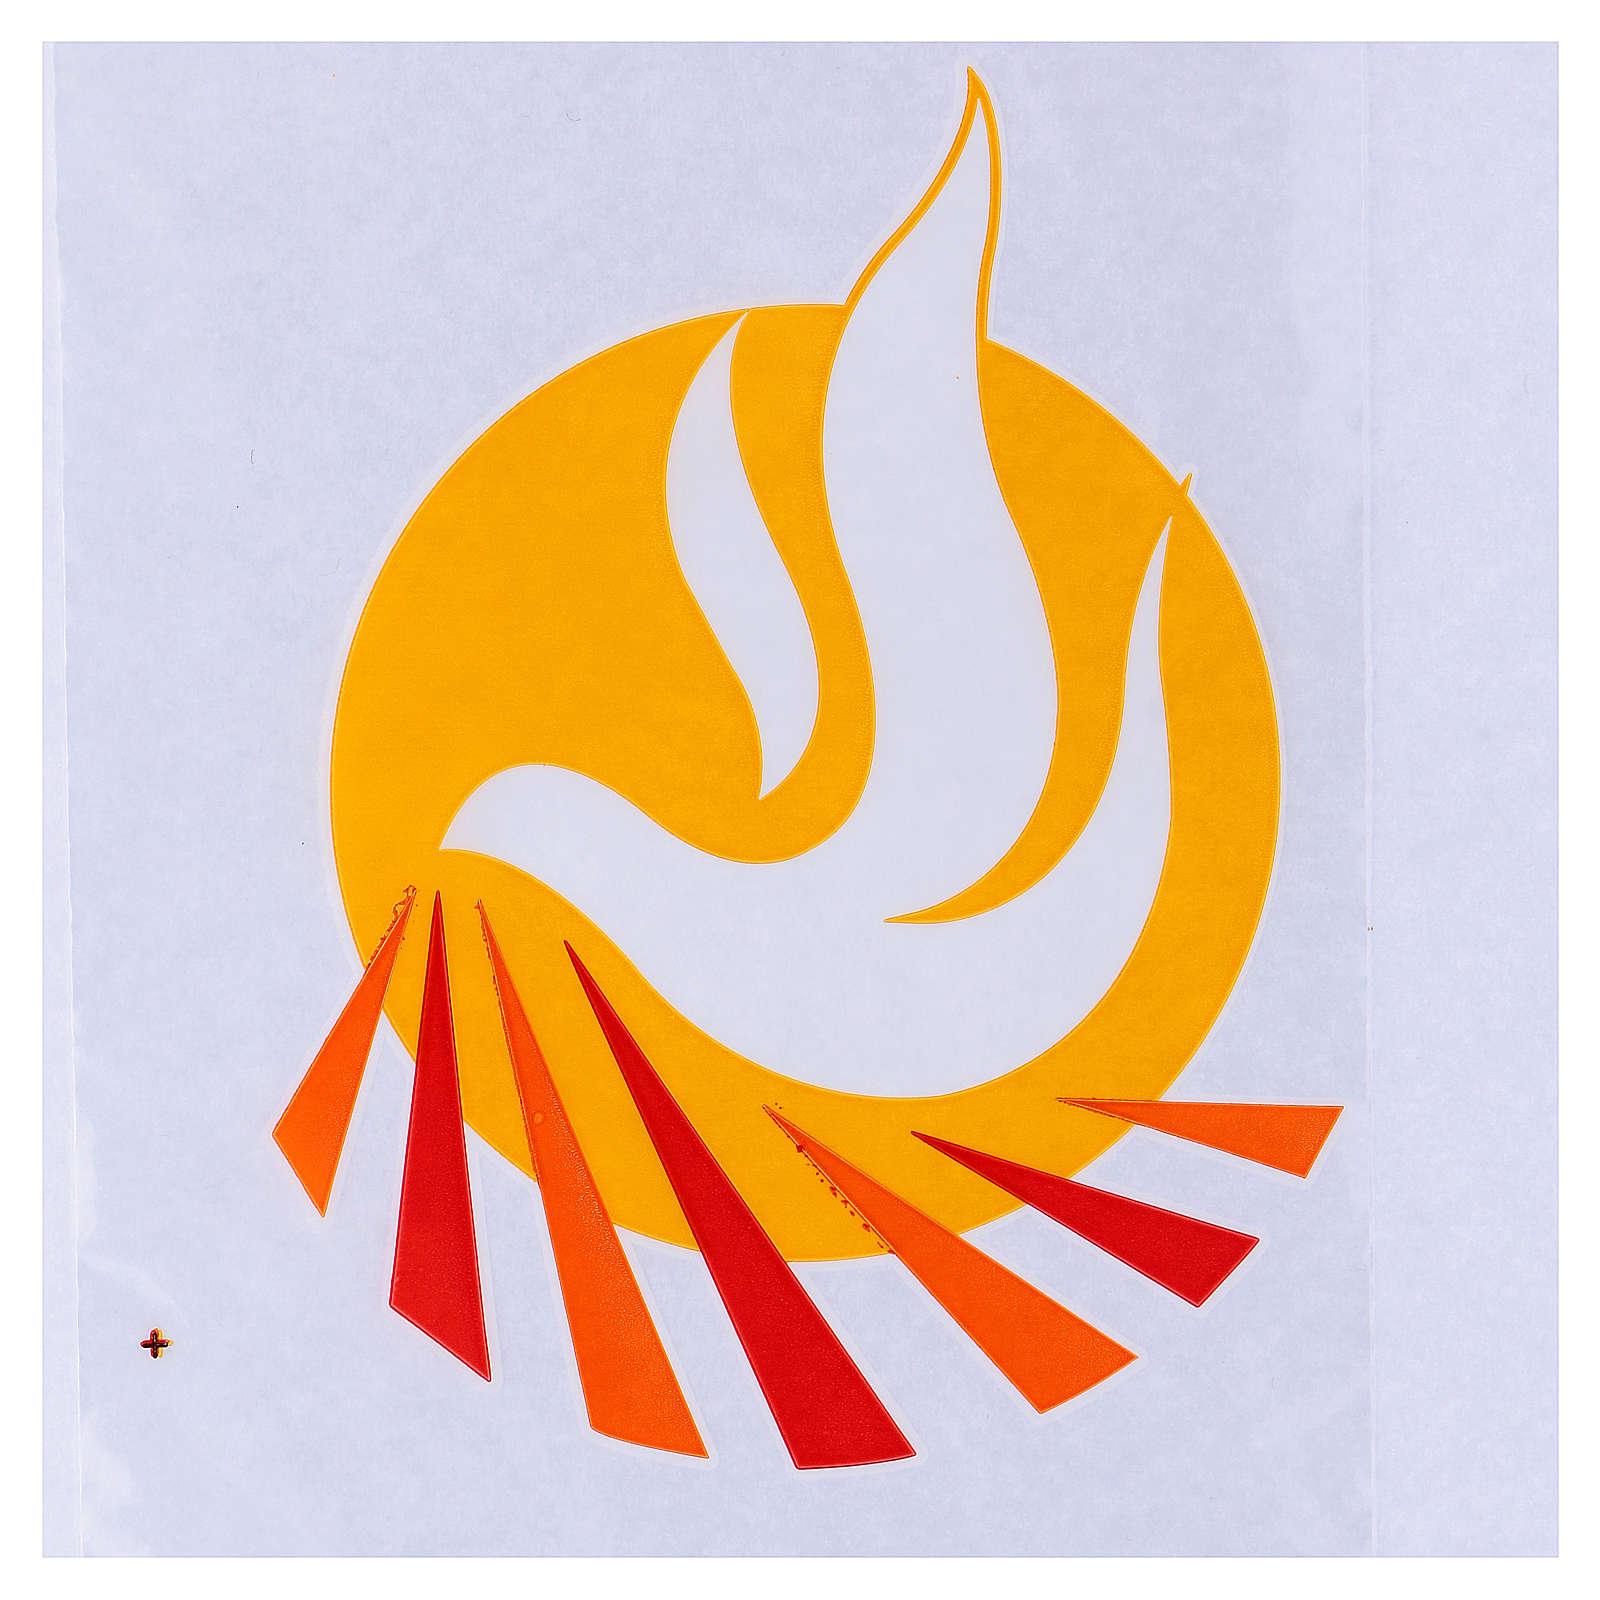 Palmzweig-Schutzhüllen, Motiv Friedenstaube, 500 Stück 3